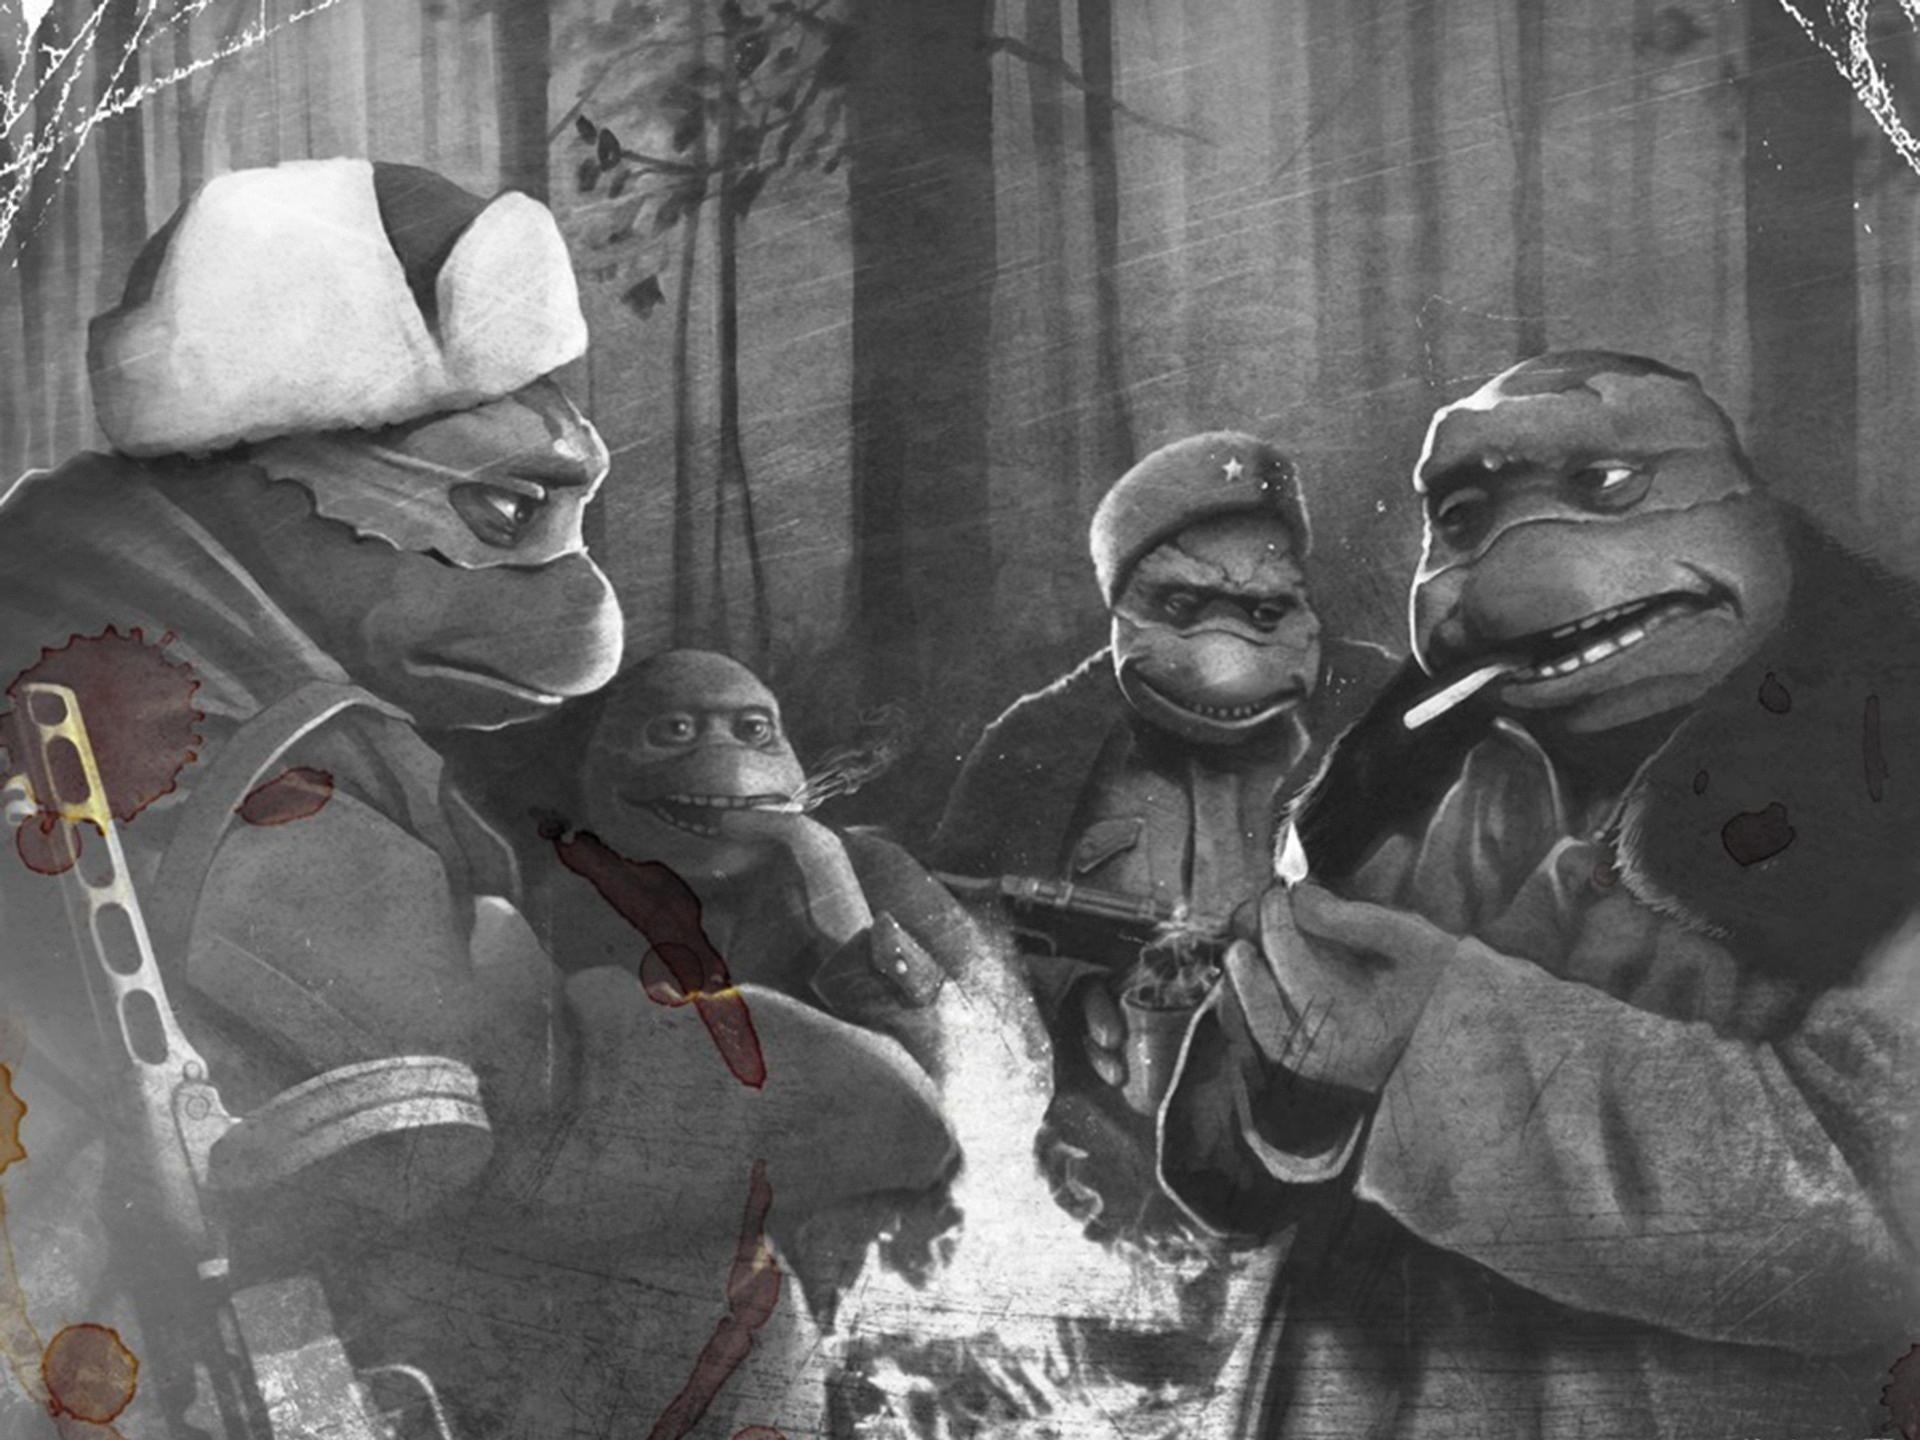 Если бы новых черепах снимал Бондарчук... - Изображение 1